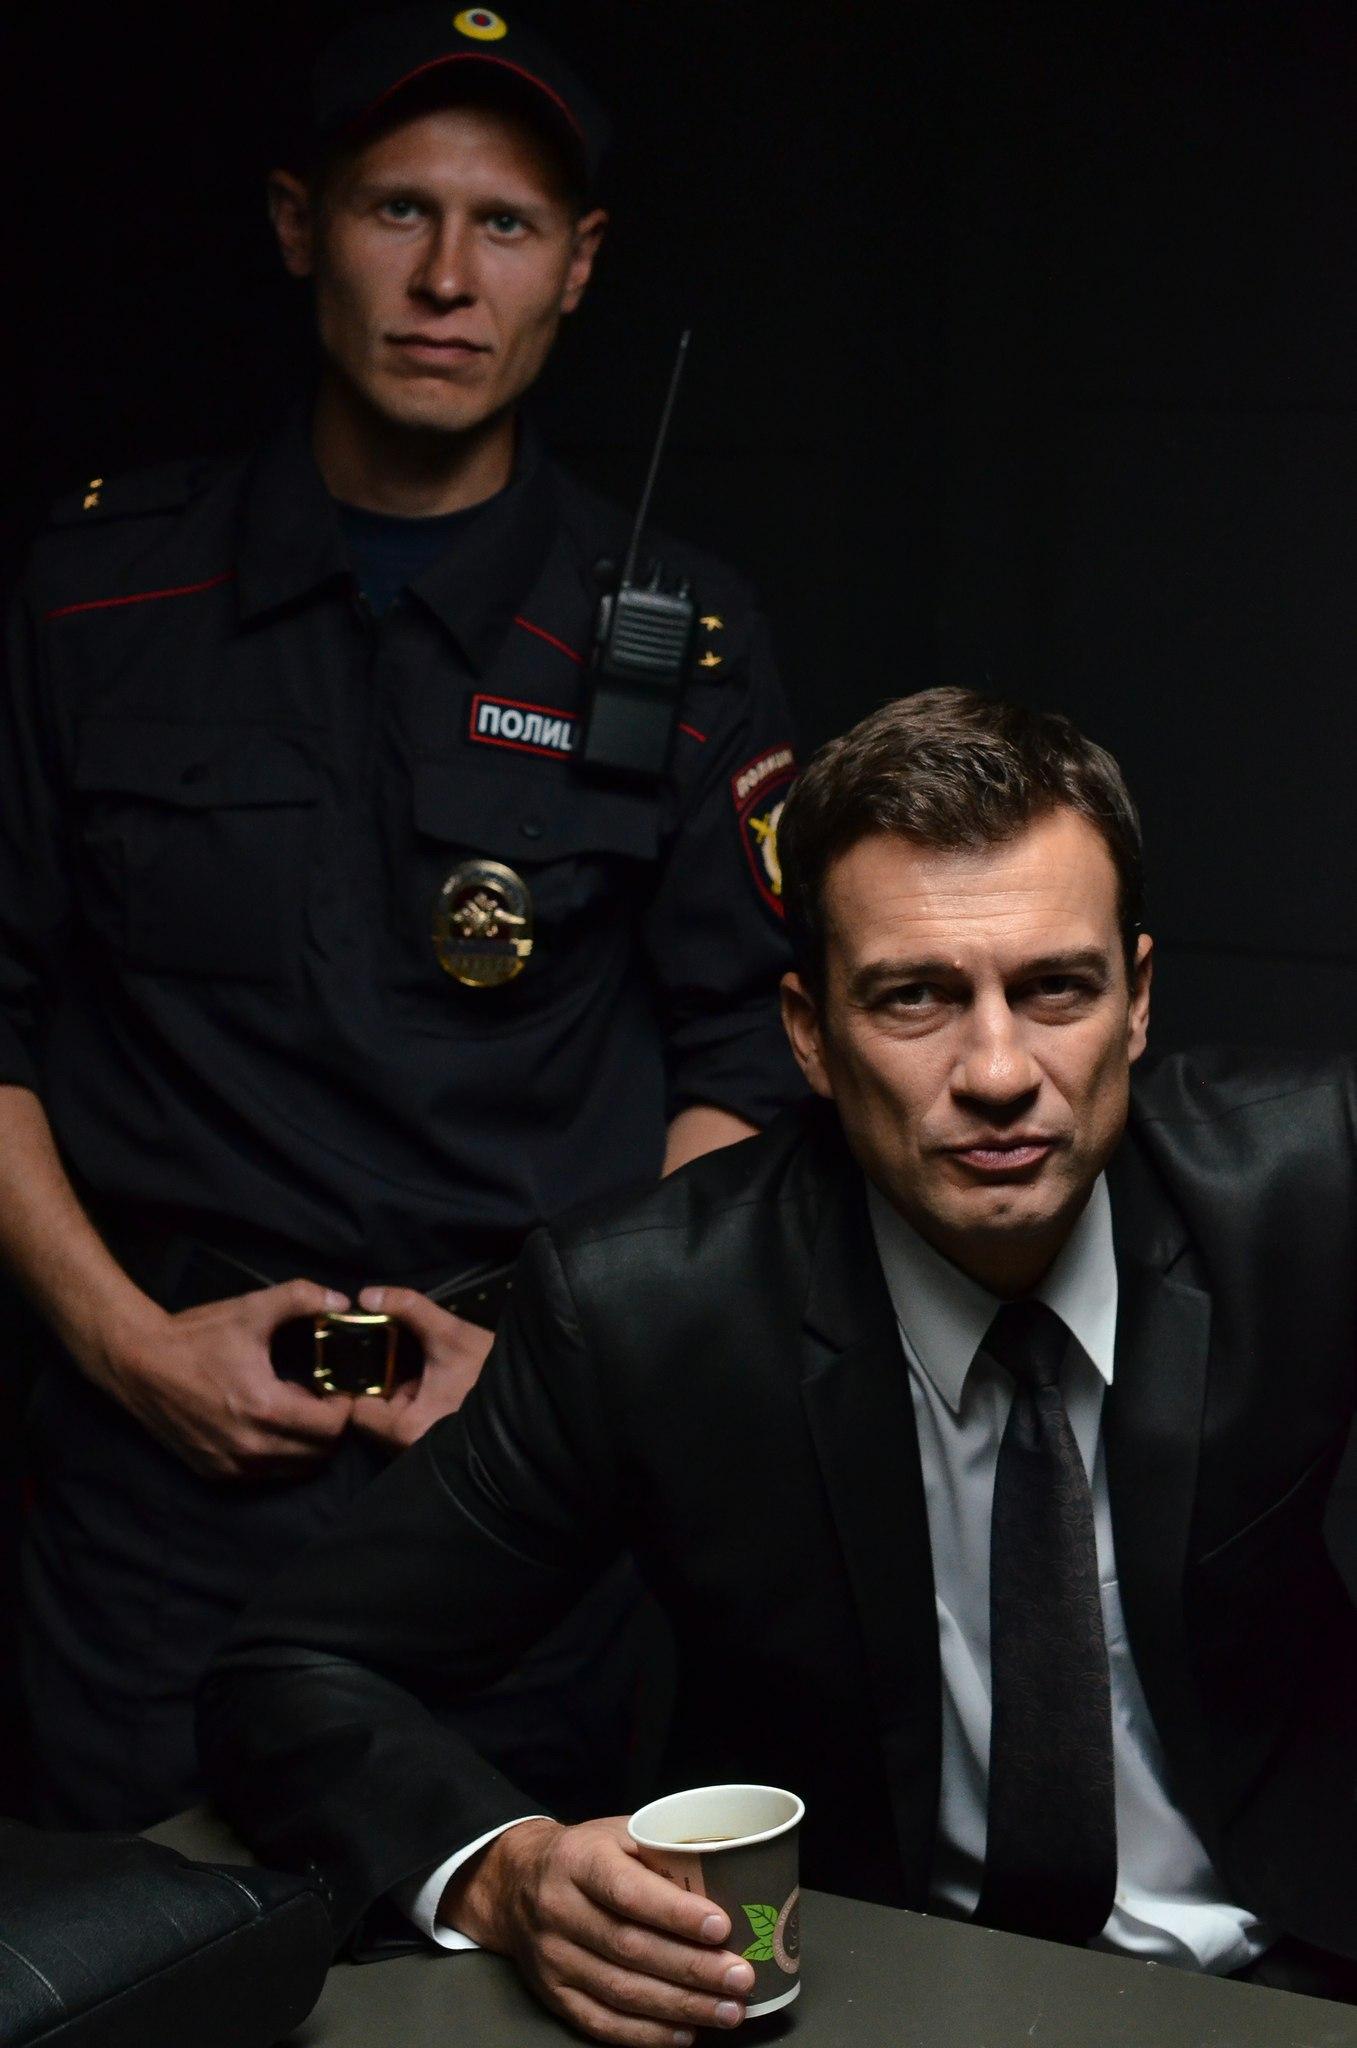 Андрей чернышов 2018 новости и фото 4